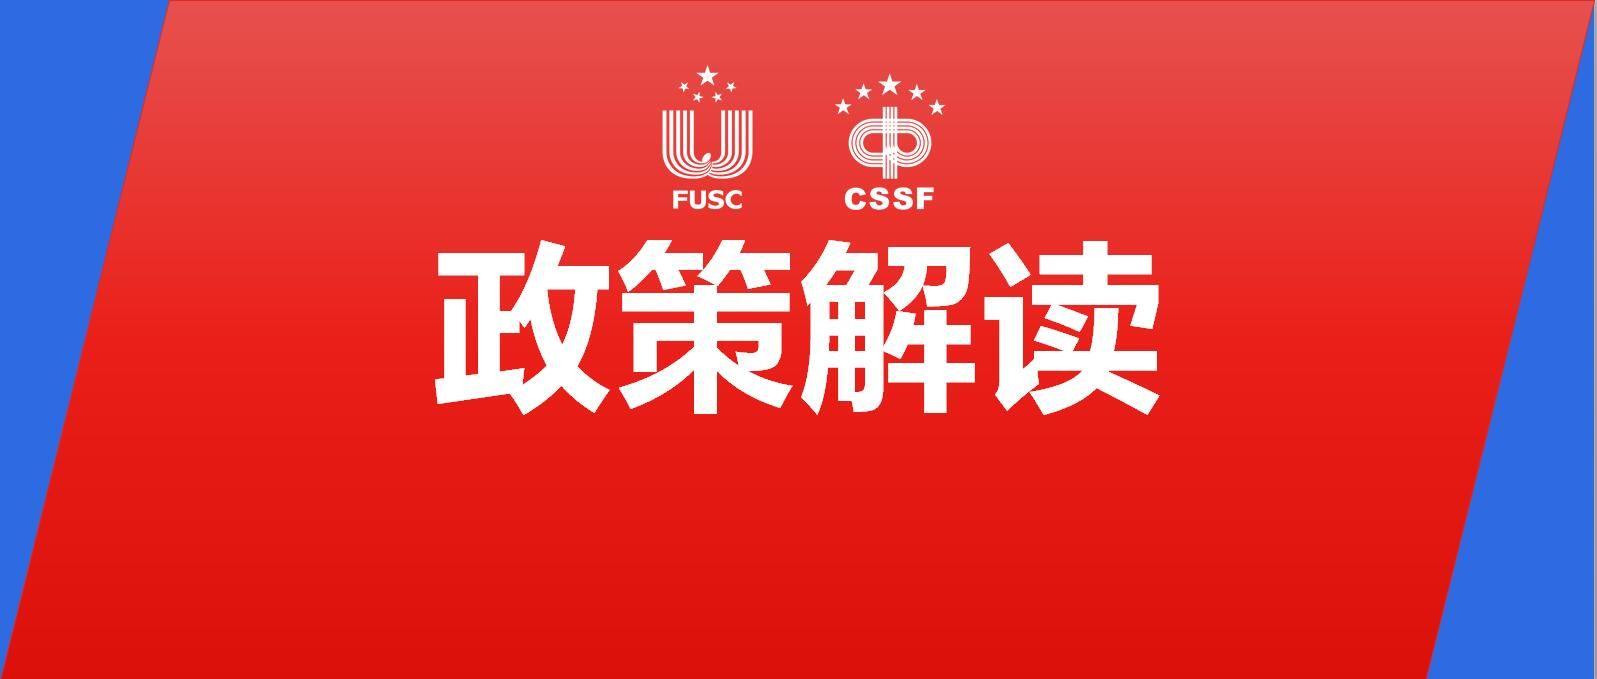 中共教育部党组关于教育系统学习贯彻党的十九届四中全会精神的通知